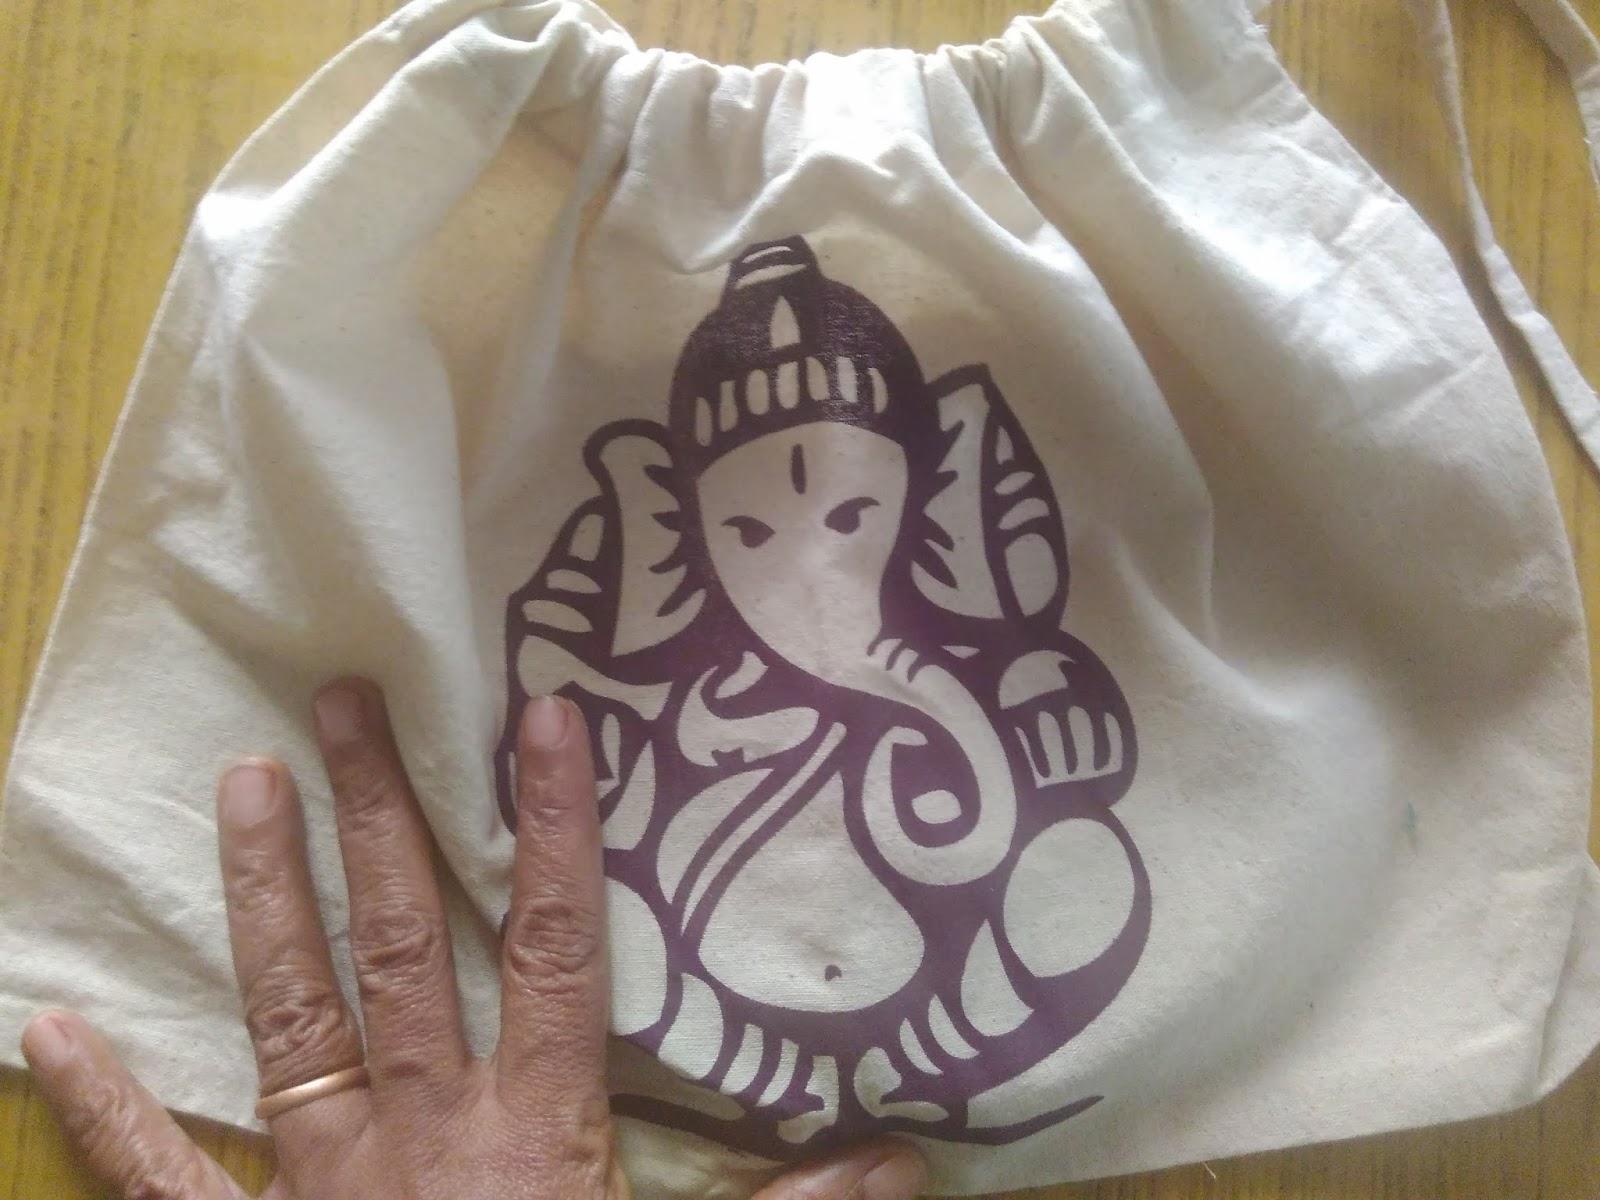 Large drawstring bags